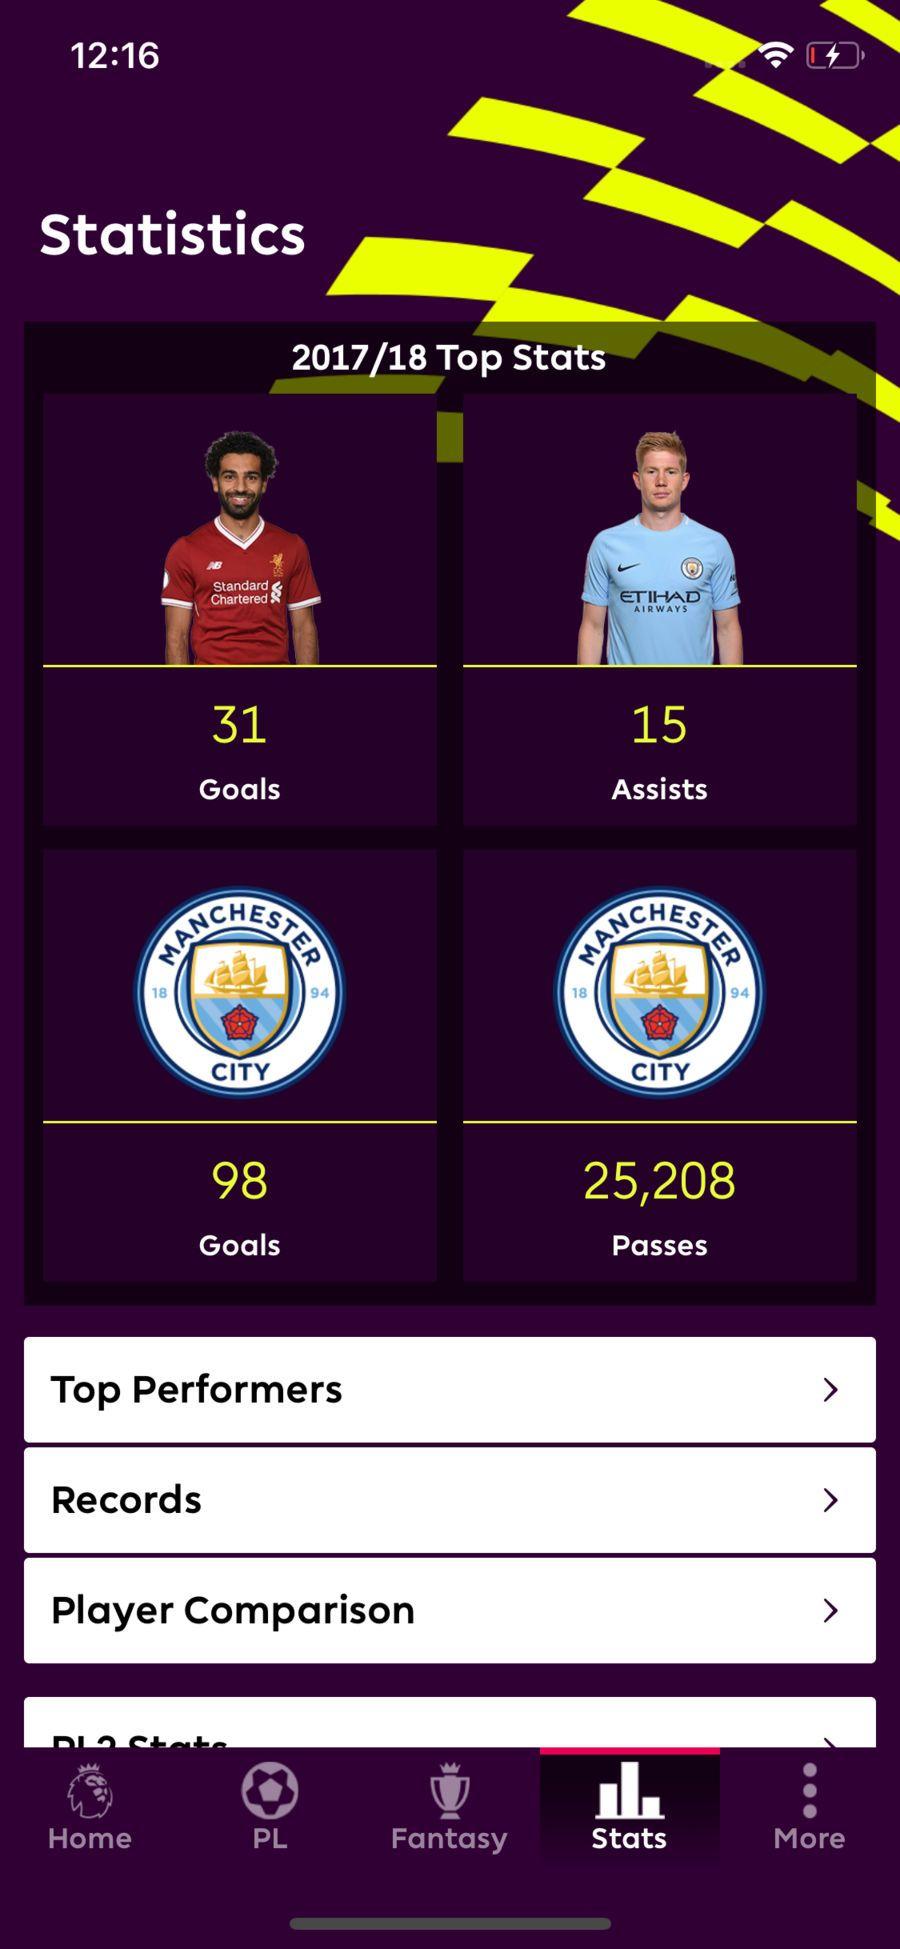 Premier League - Official App #Simulation#Games#apps#ios